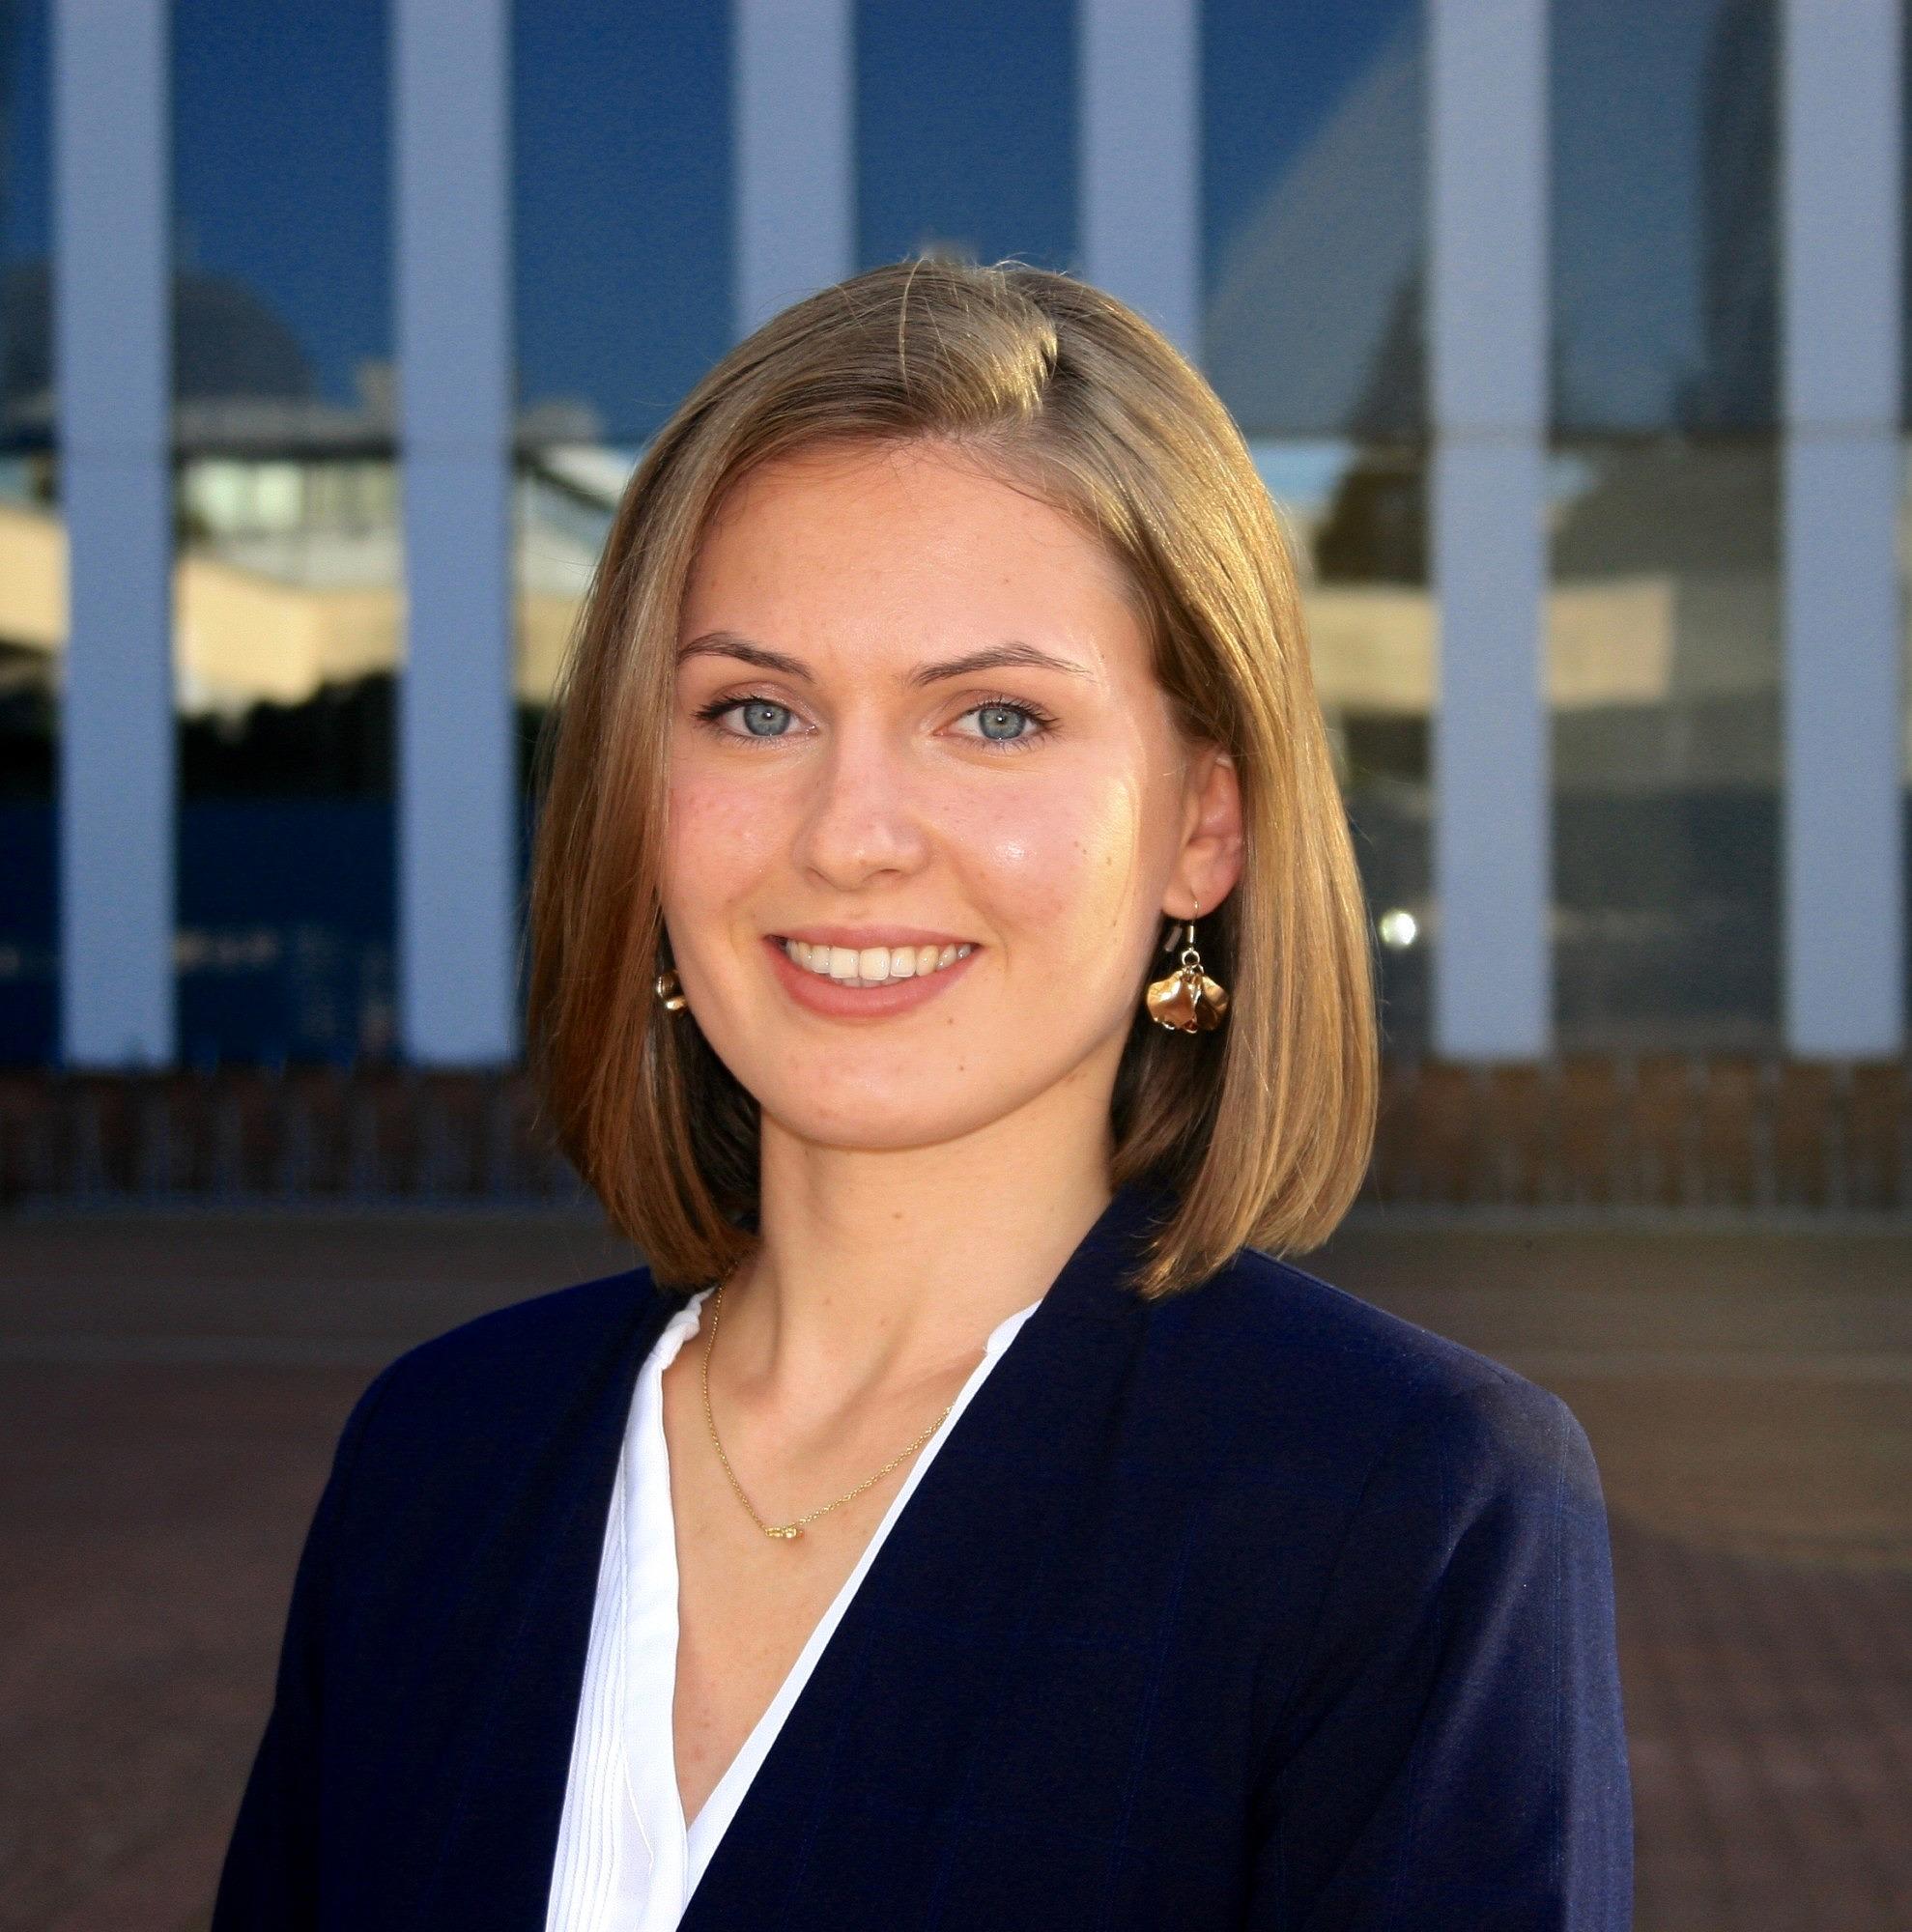 Nathalie Cojger